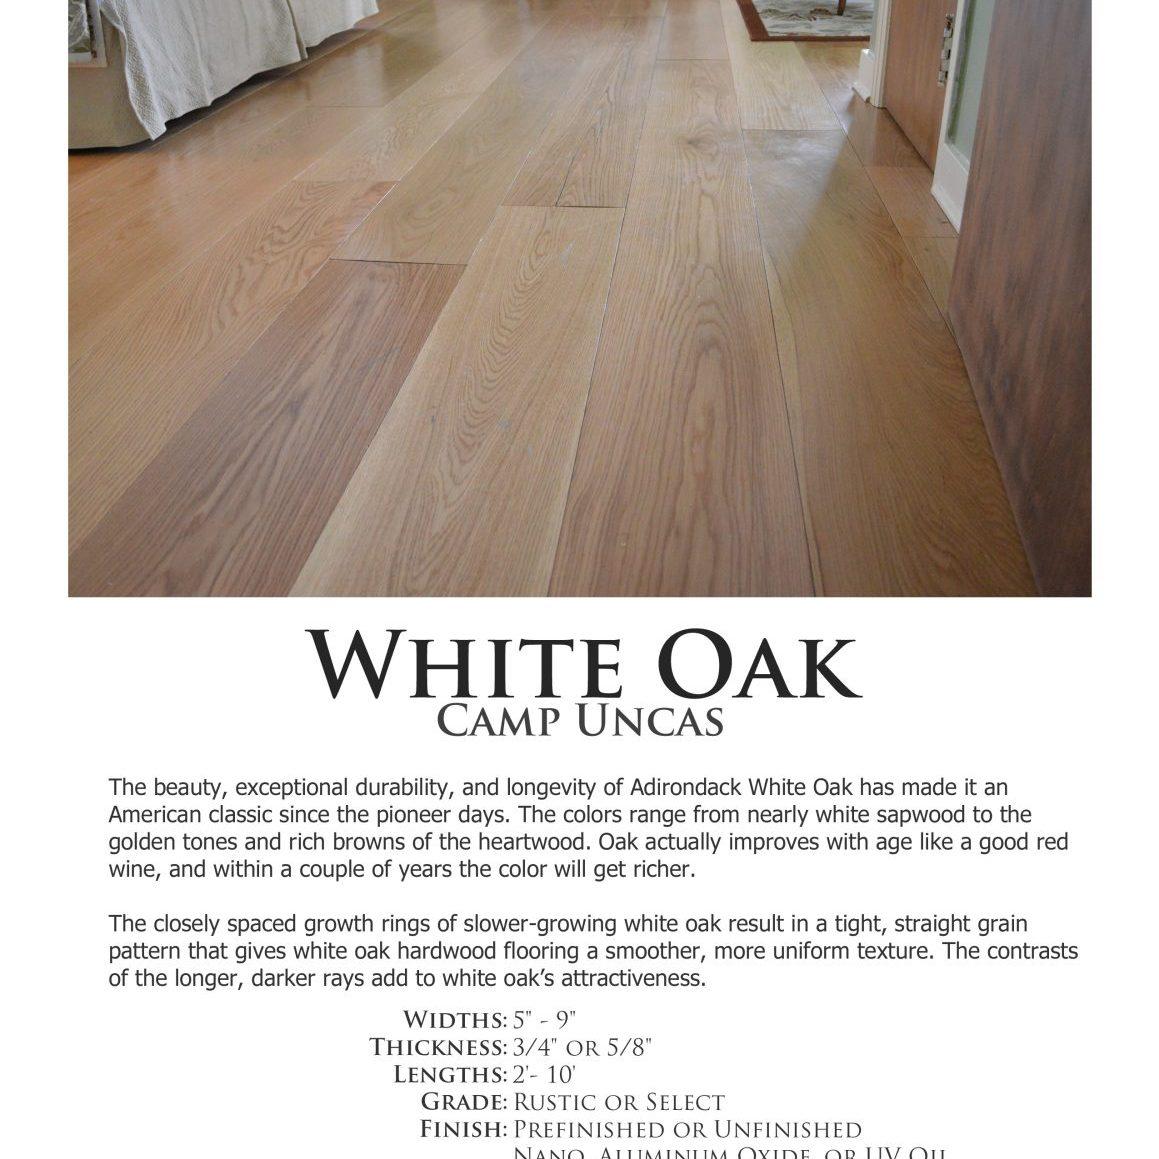 Uncas-White-Oak